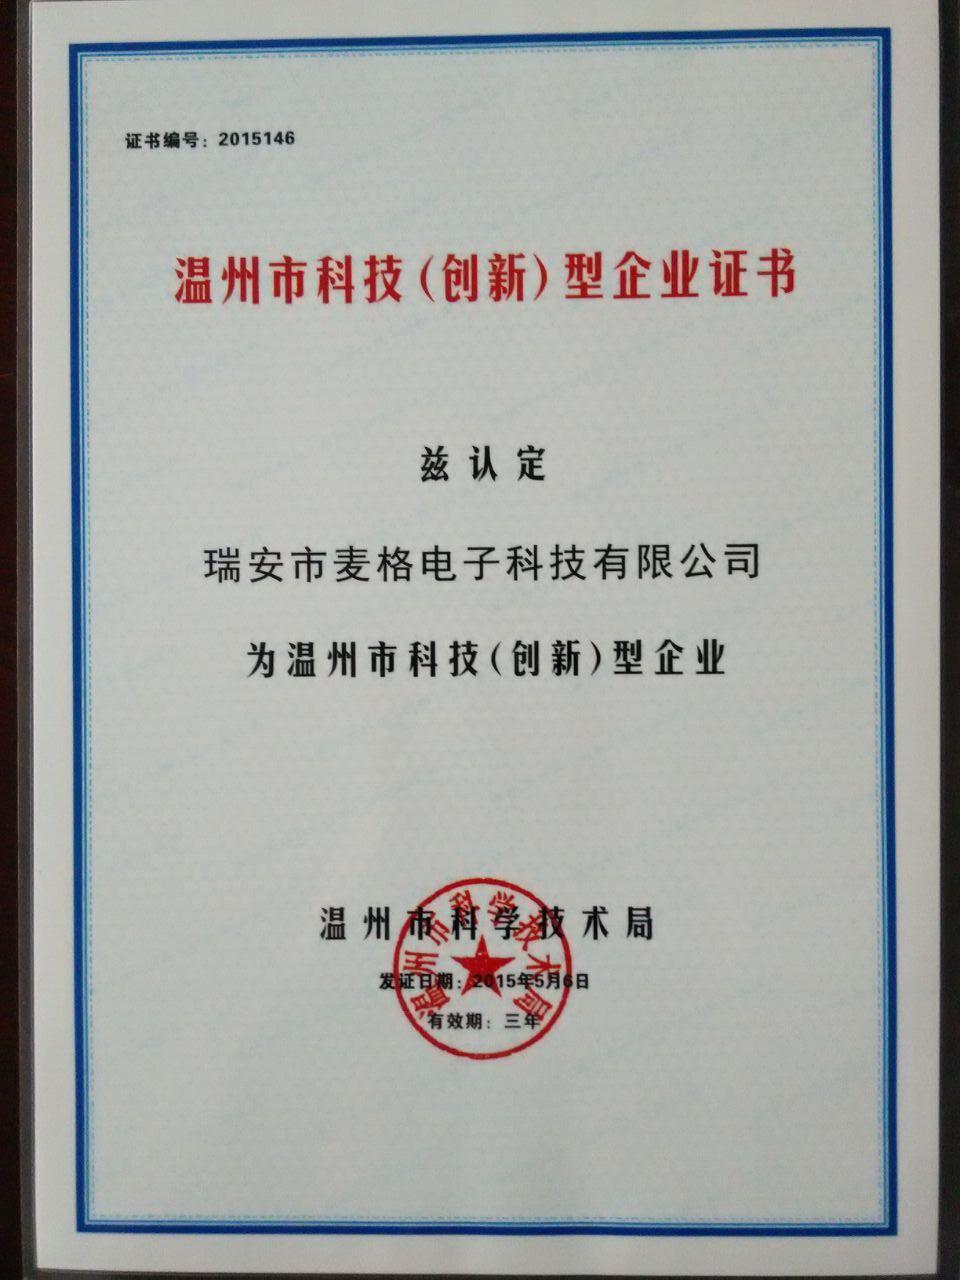 Technology innovative enterprise certificate of Wenzhou city